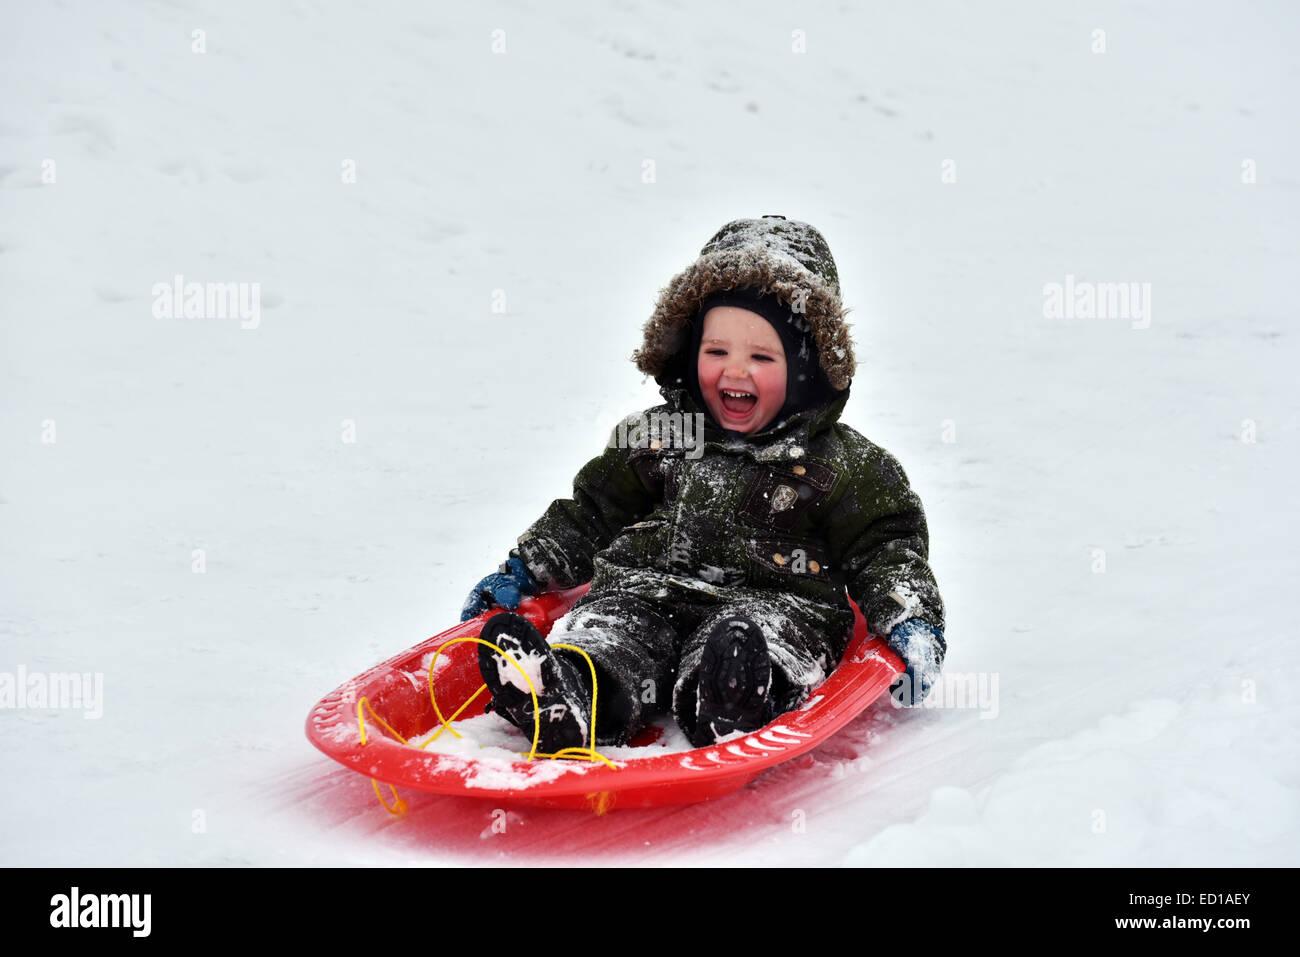 Un niño pequeño (2 1/2 años) encantado de trineo Imagen De Stock